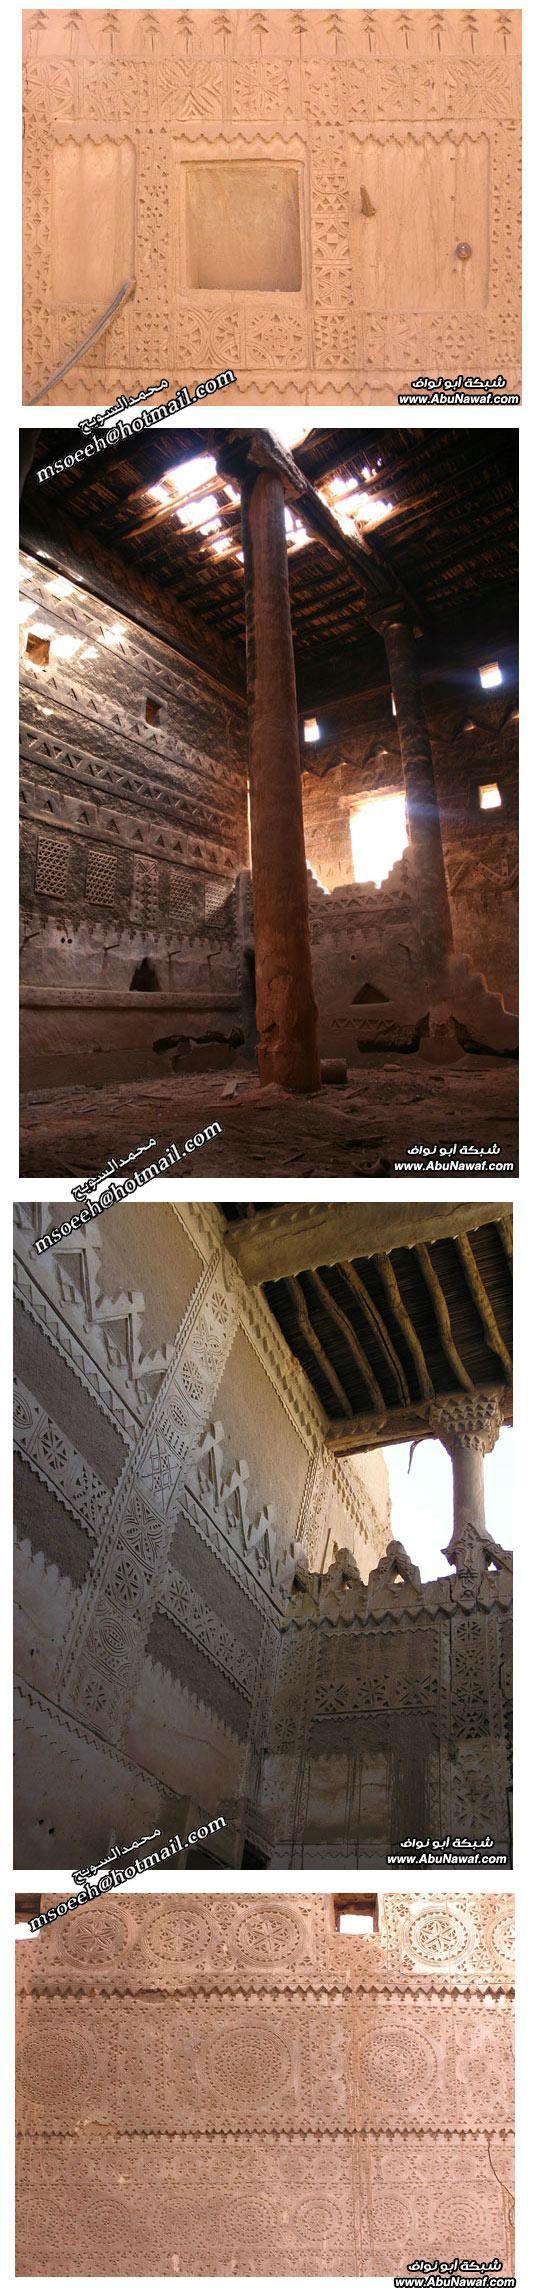 صور : المجالس القديمة..وفن الزخرفه النجدية